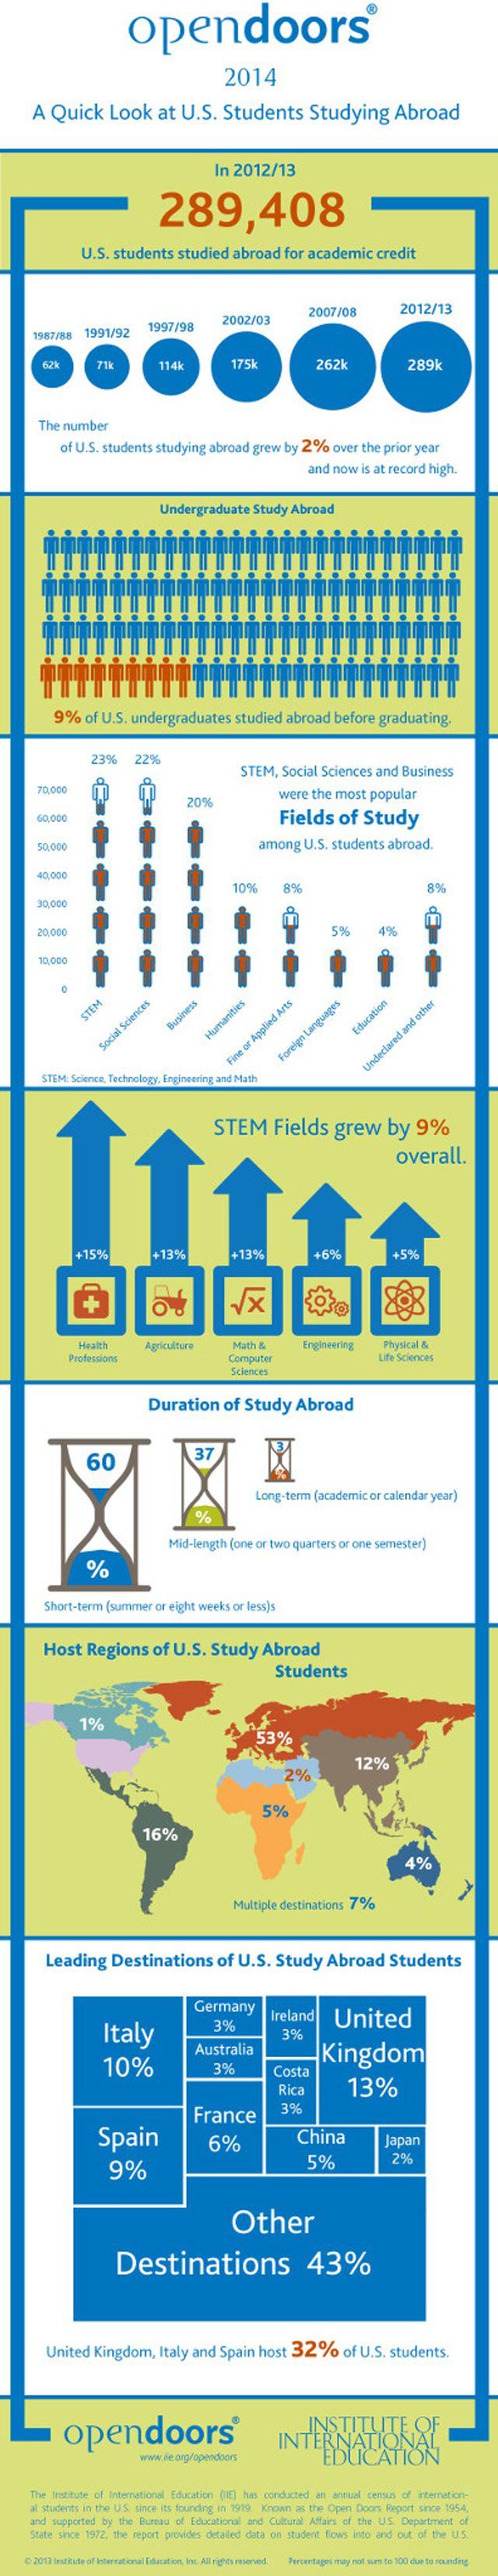 open-doors-2014-infographic-usa